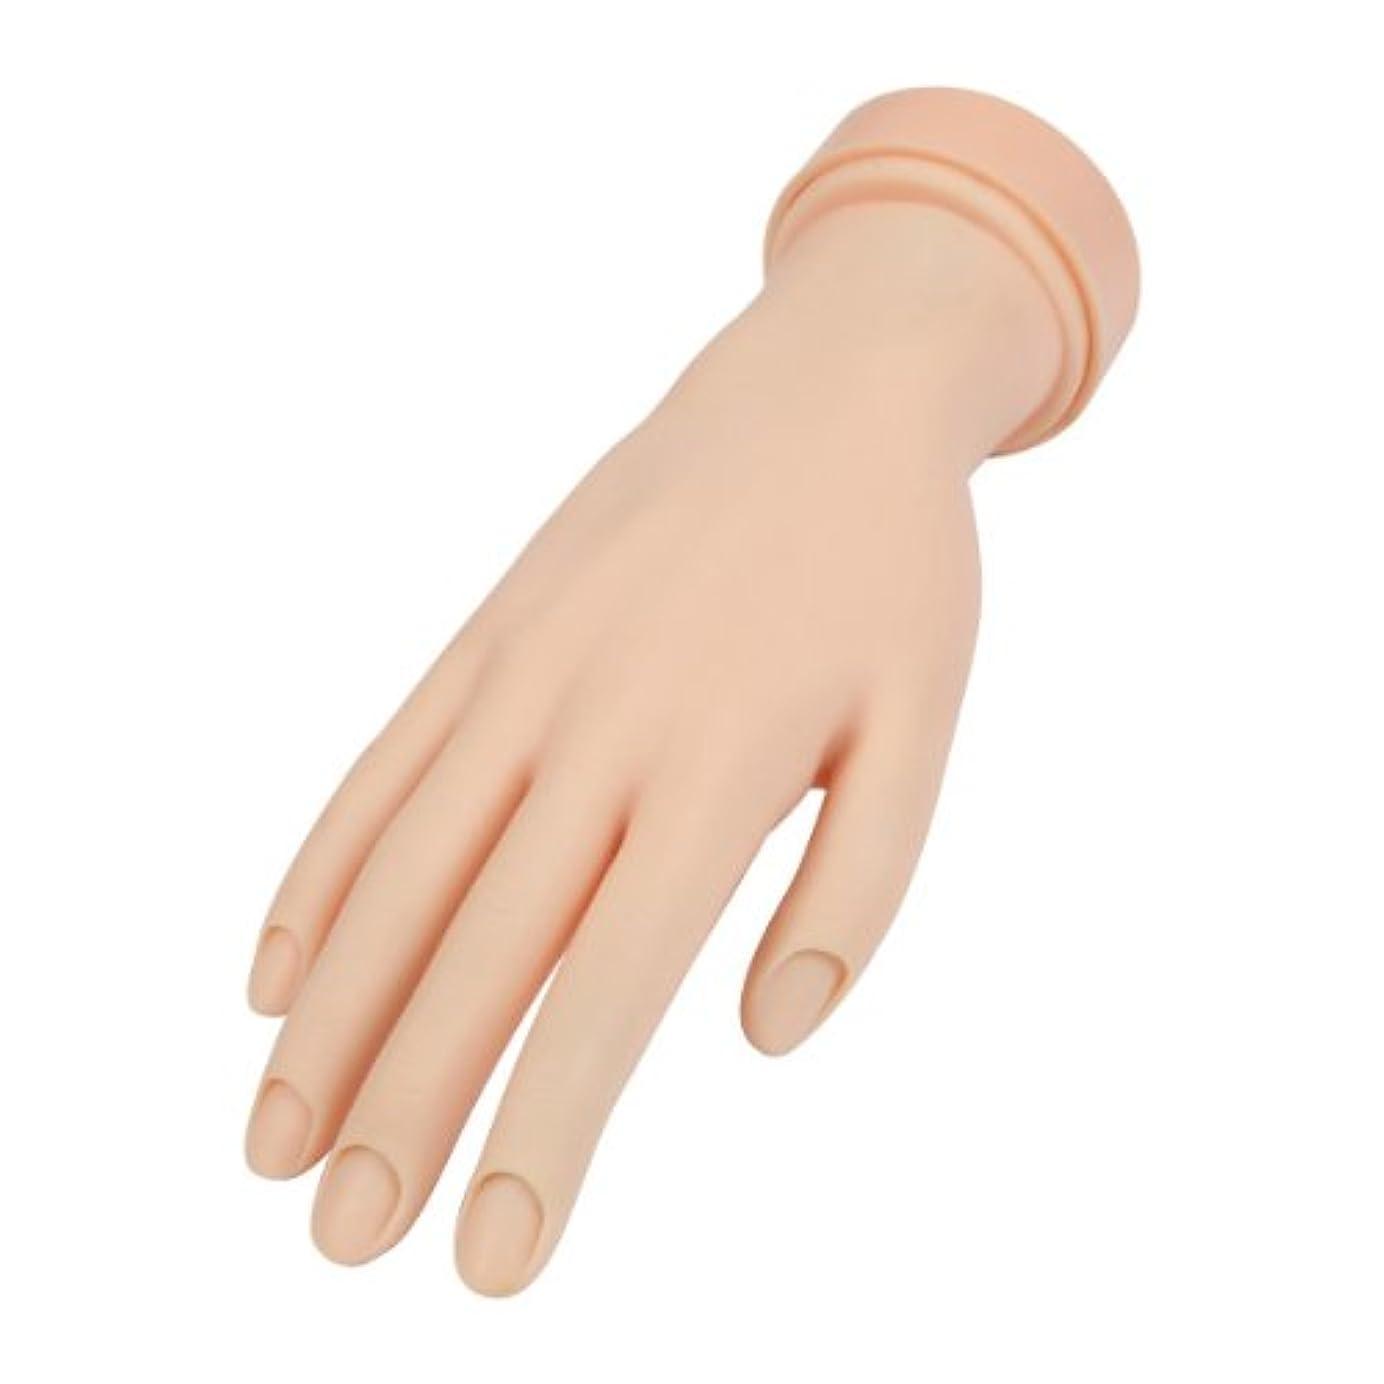 少しオプショナル吸い込むトレーニングハンド (ネイル用) 右手 [ 練習用マネキン 手 指 ハンドマネキン マネキン 施術 トレーニング ]